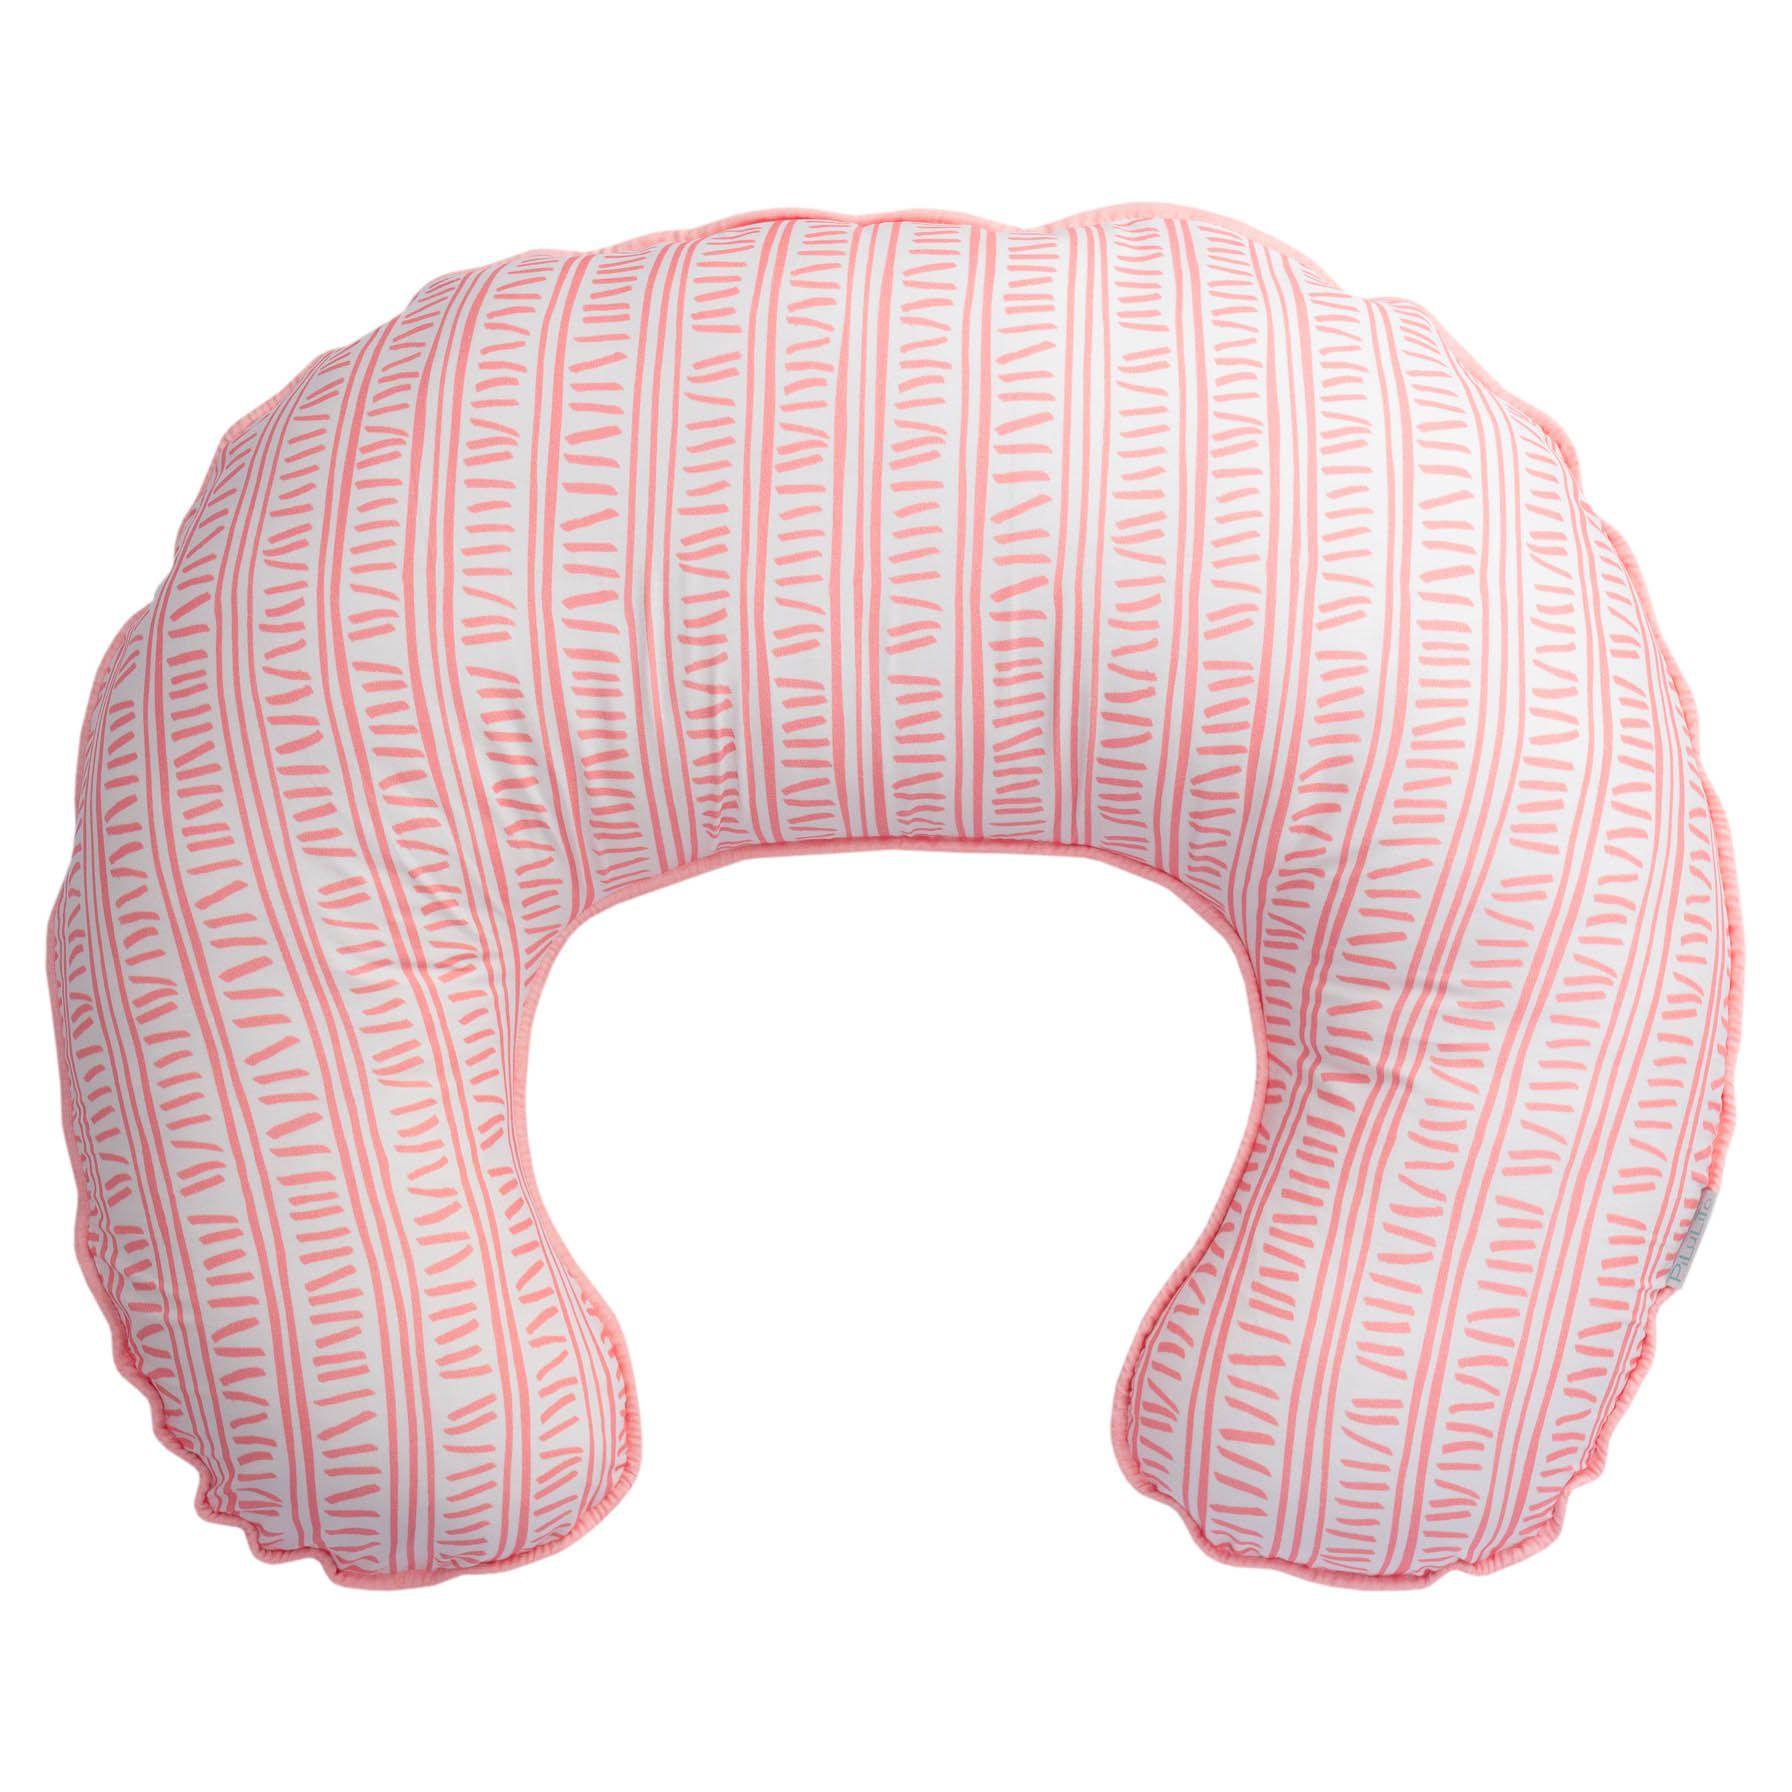 Almofada de amamentação trilha rosa